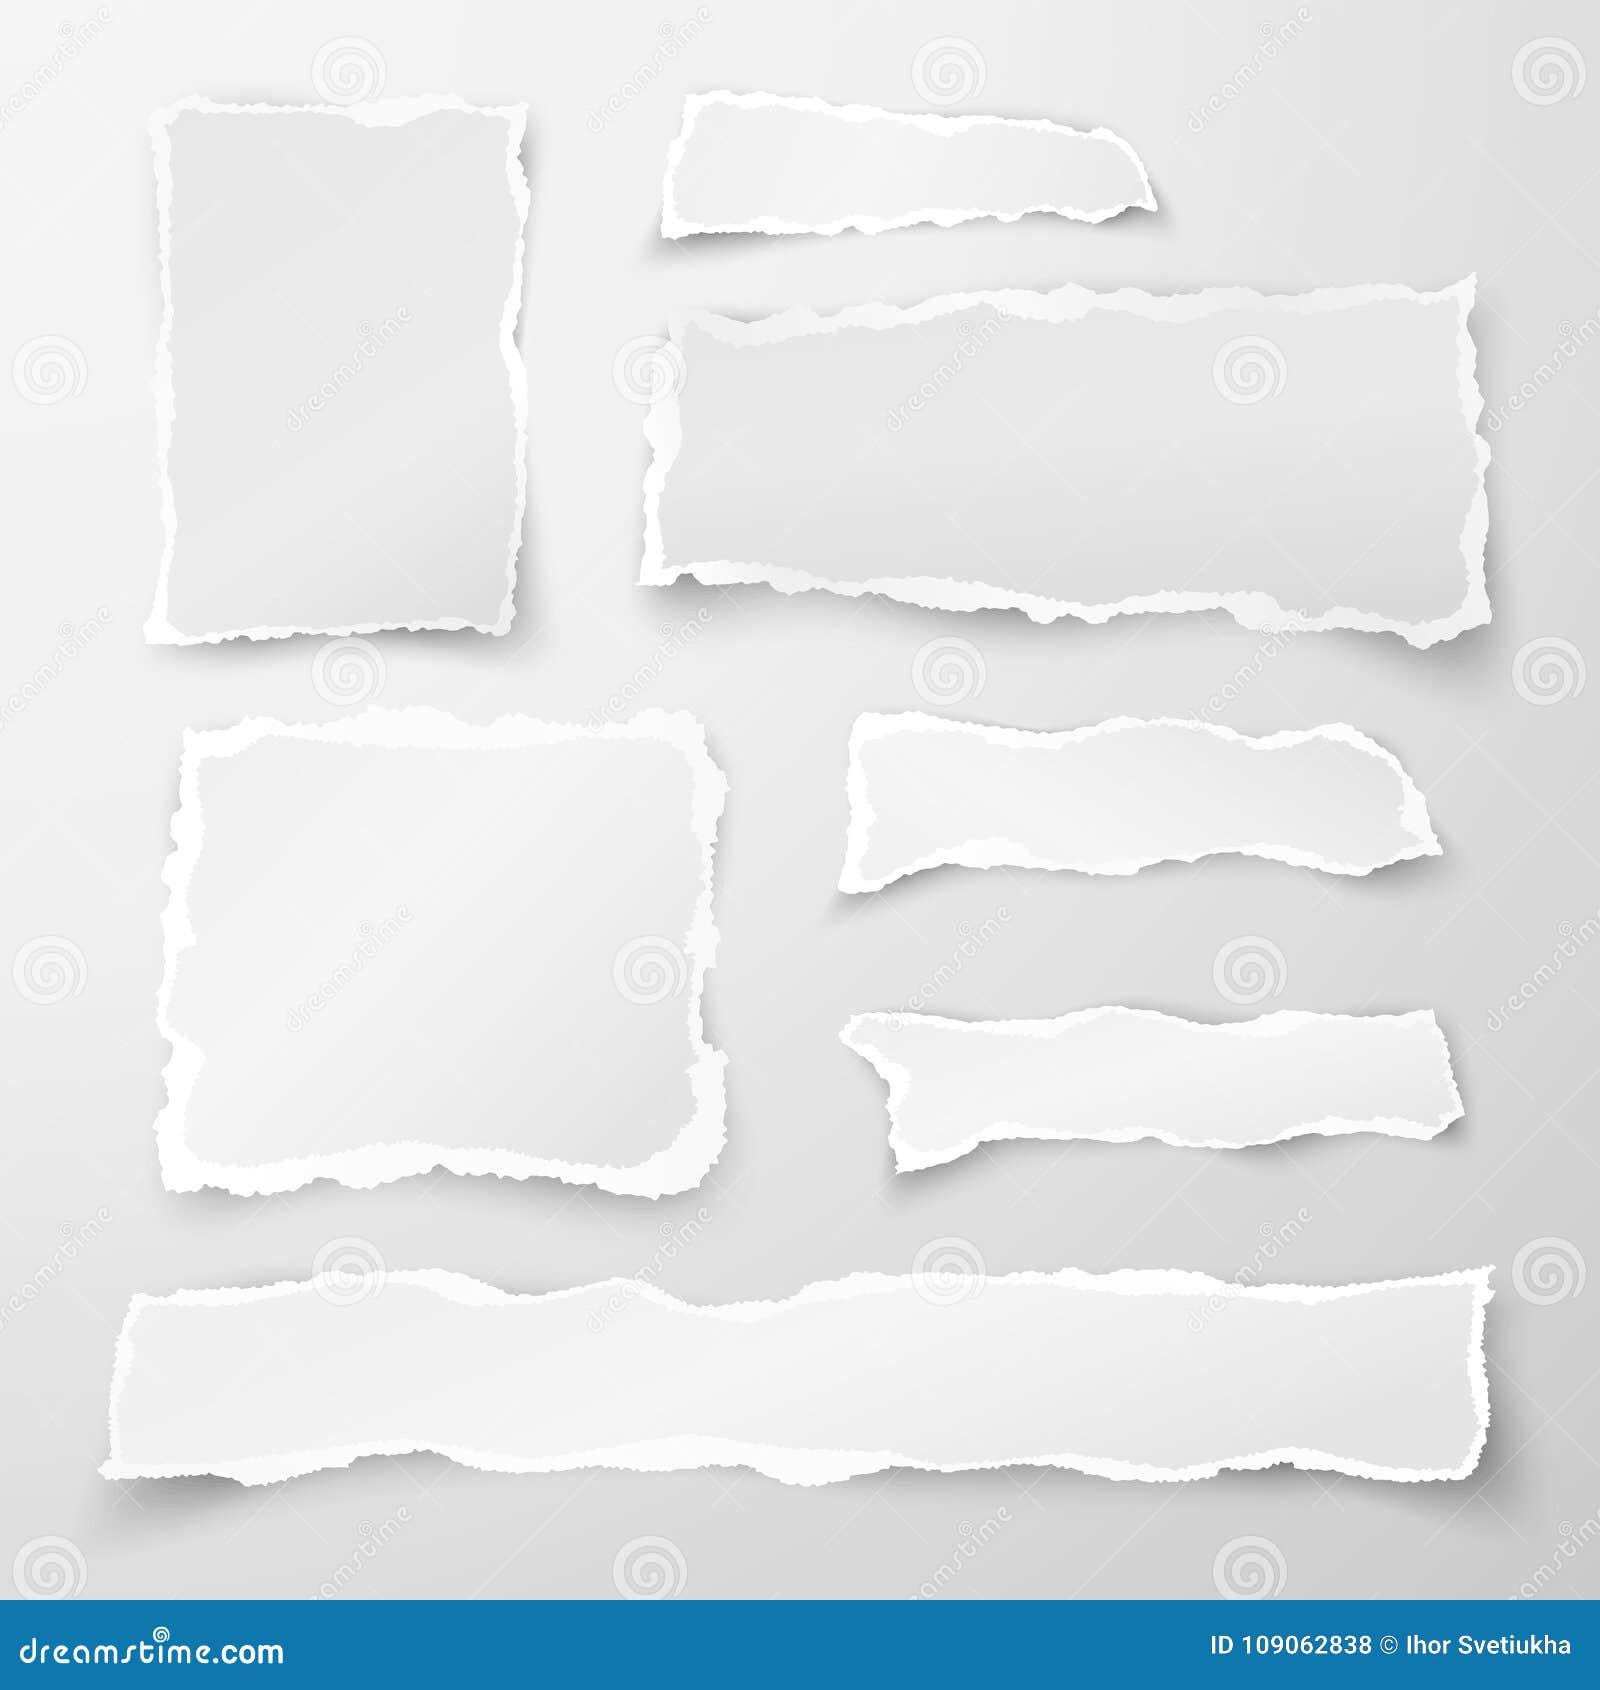 Σύνολο σχισμένων κομματιών εγγράφου Έγγραφο απορρίματος Λουρίδα αντικειμένου με τη σκιά που απομονώνεται στο γκρίζο υπόβαθρο διάν